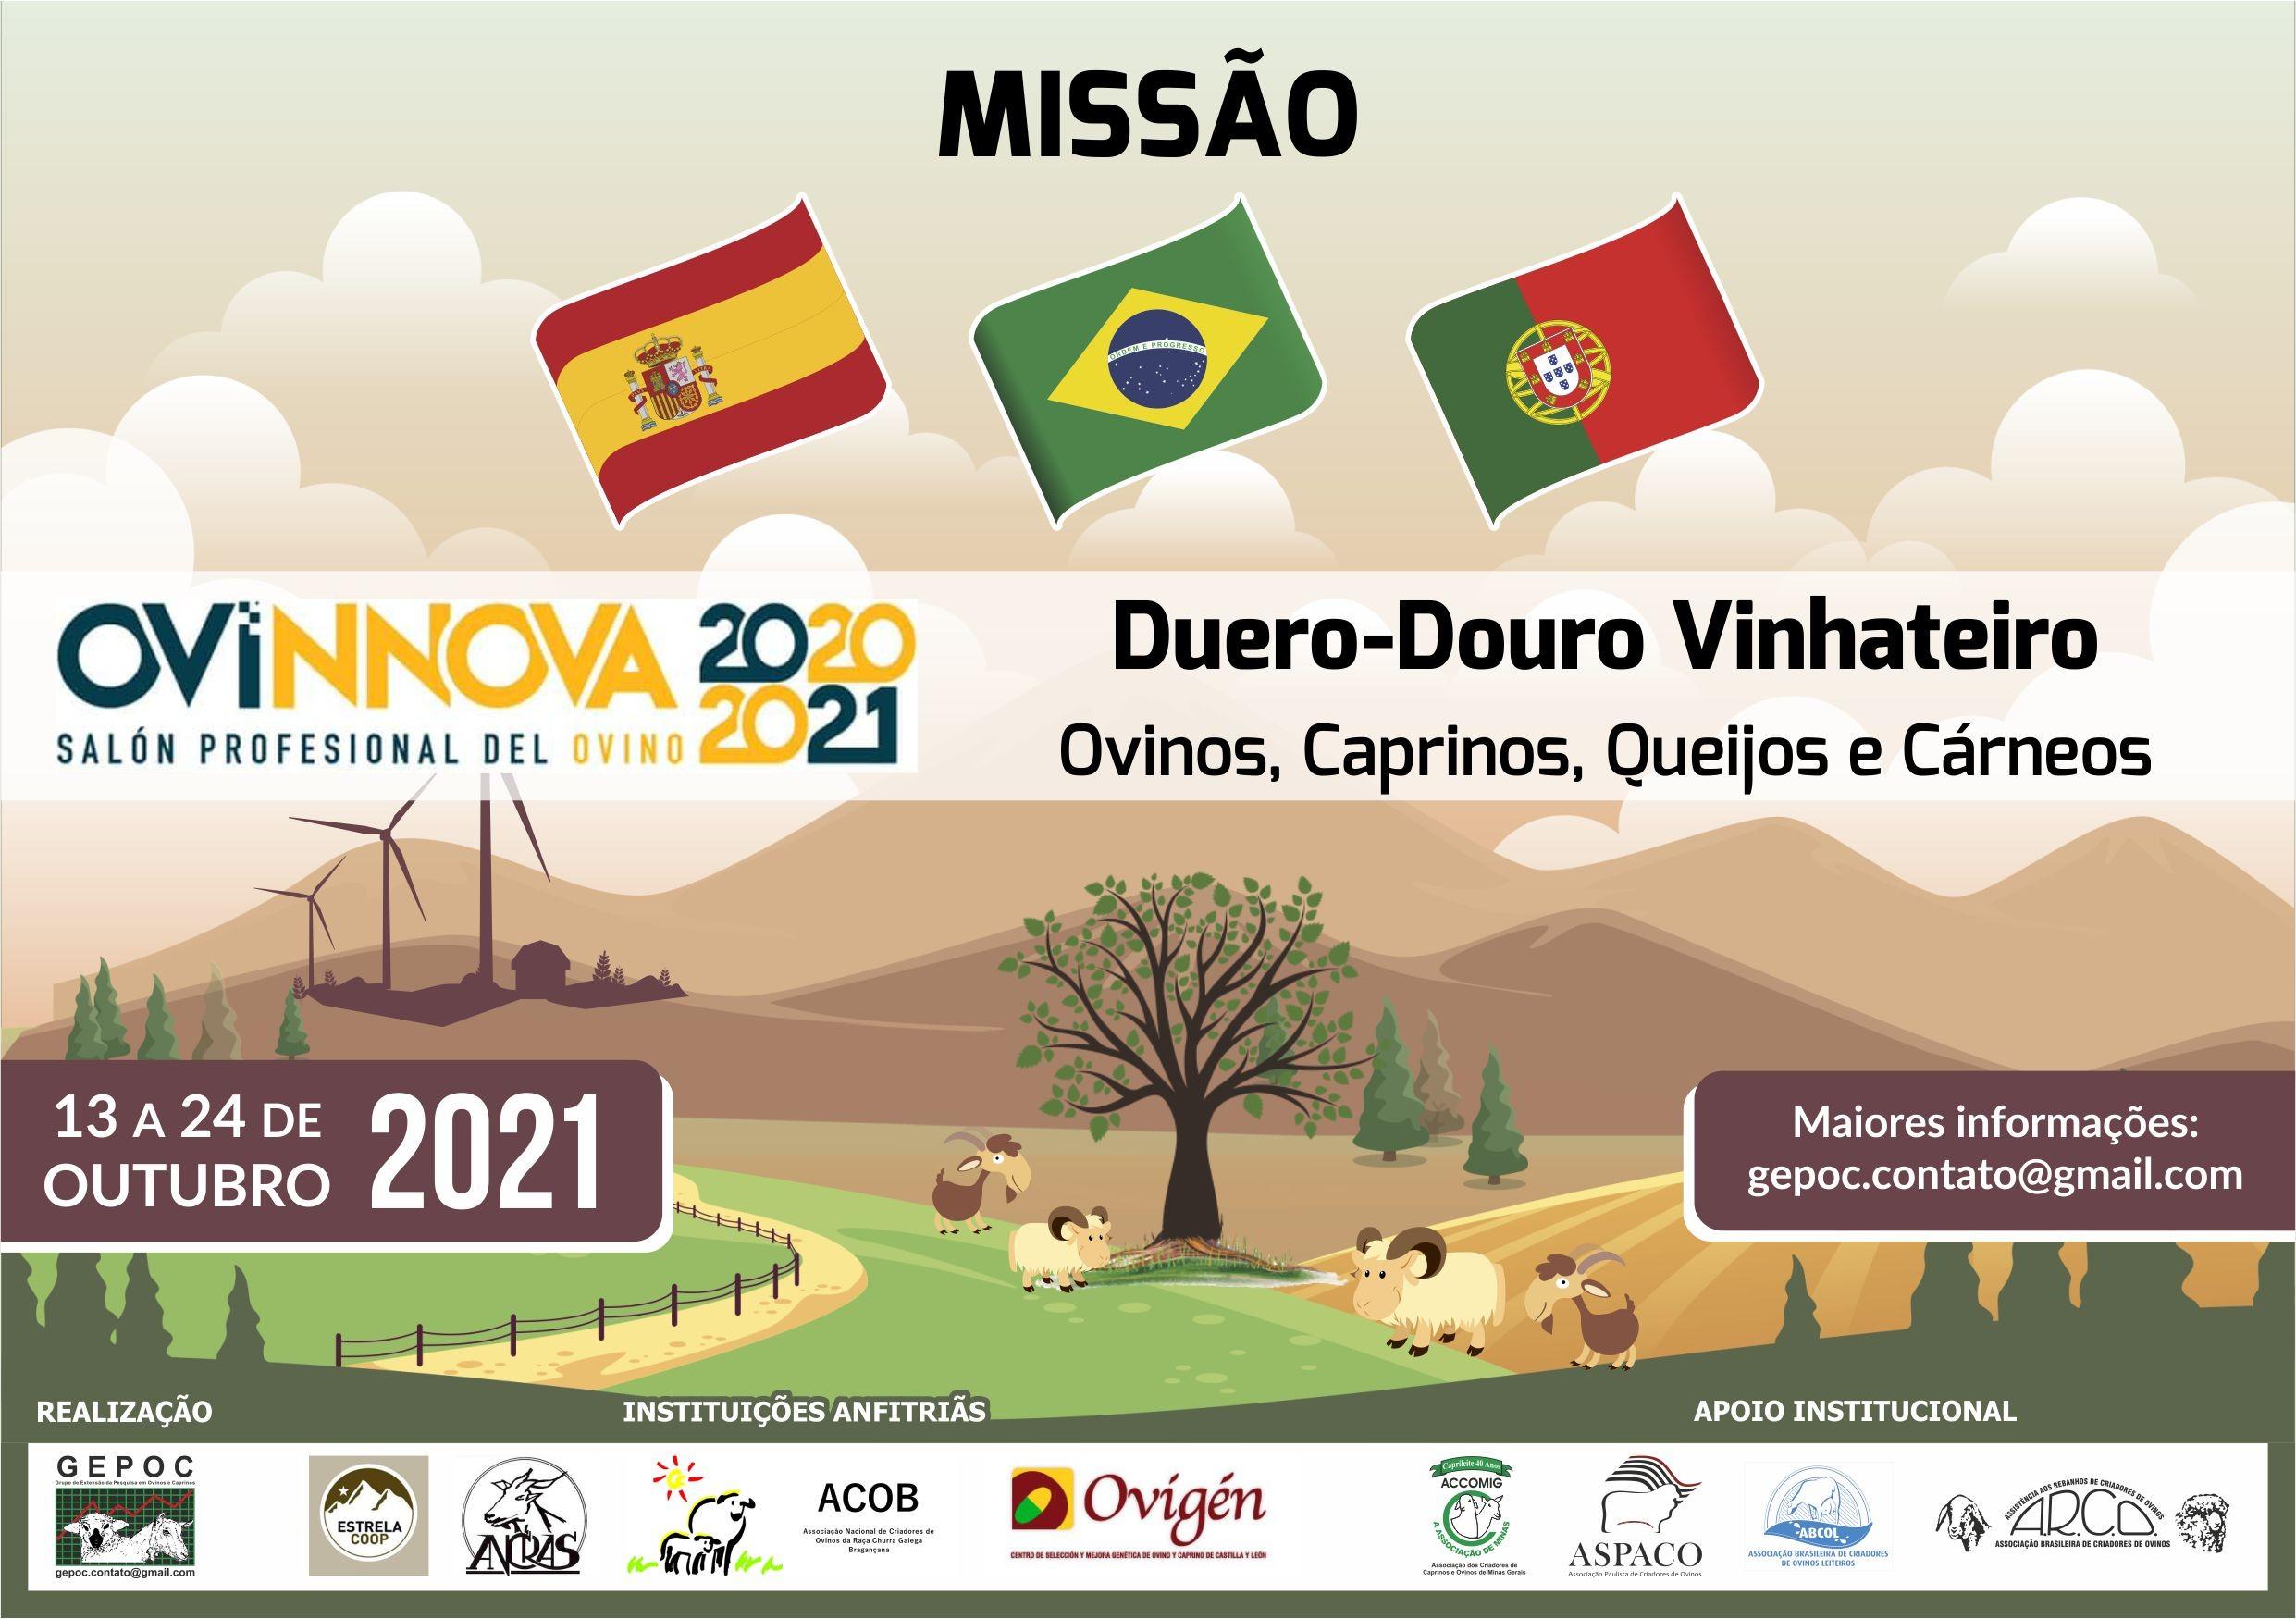 MISSÃO BRASIL-ESPANHA-PORTUGAL OvinosCaprinosQueijos e Cárneos com Feira OVINNOVA Espanha13 a 24/10/2021